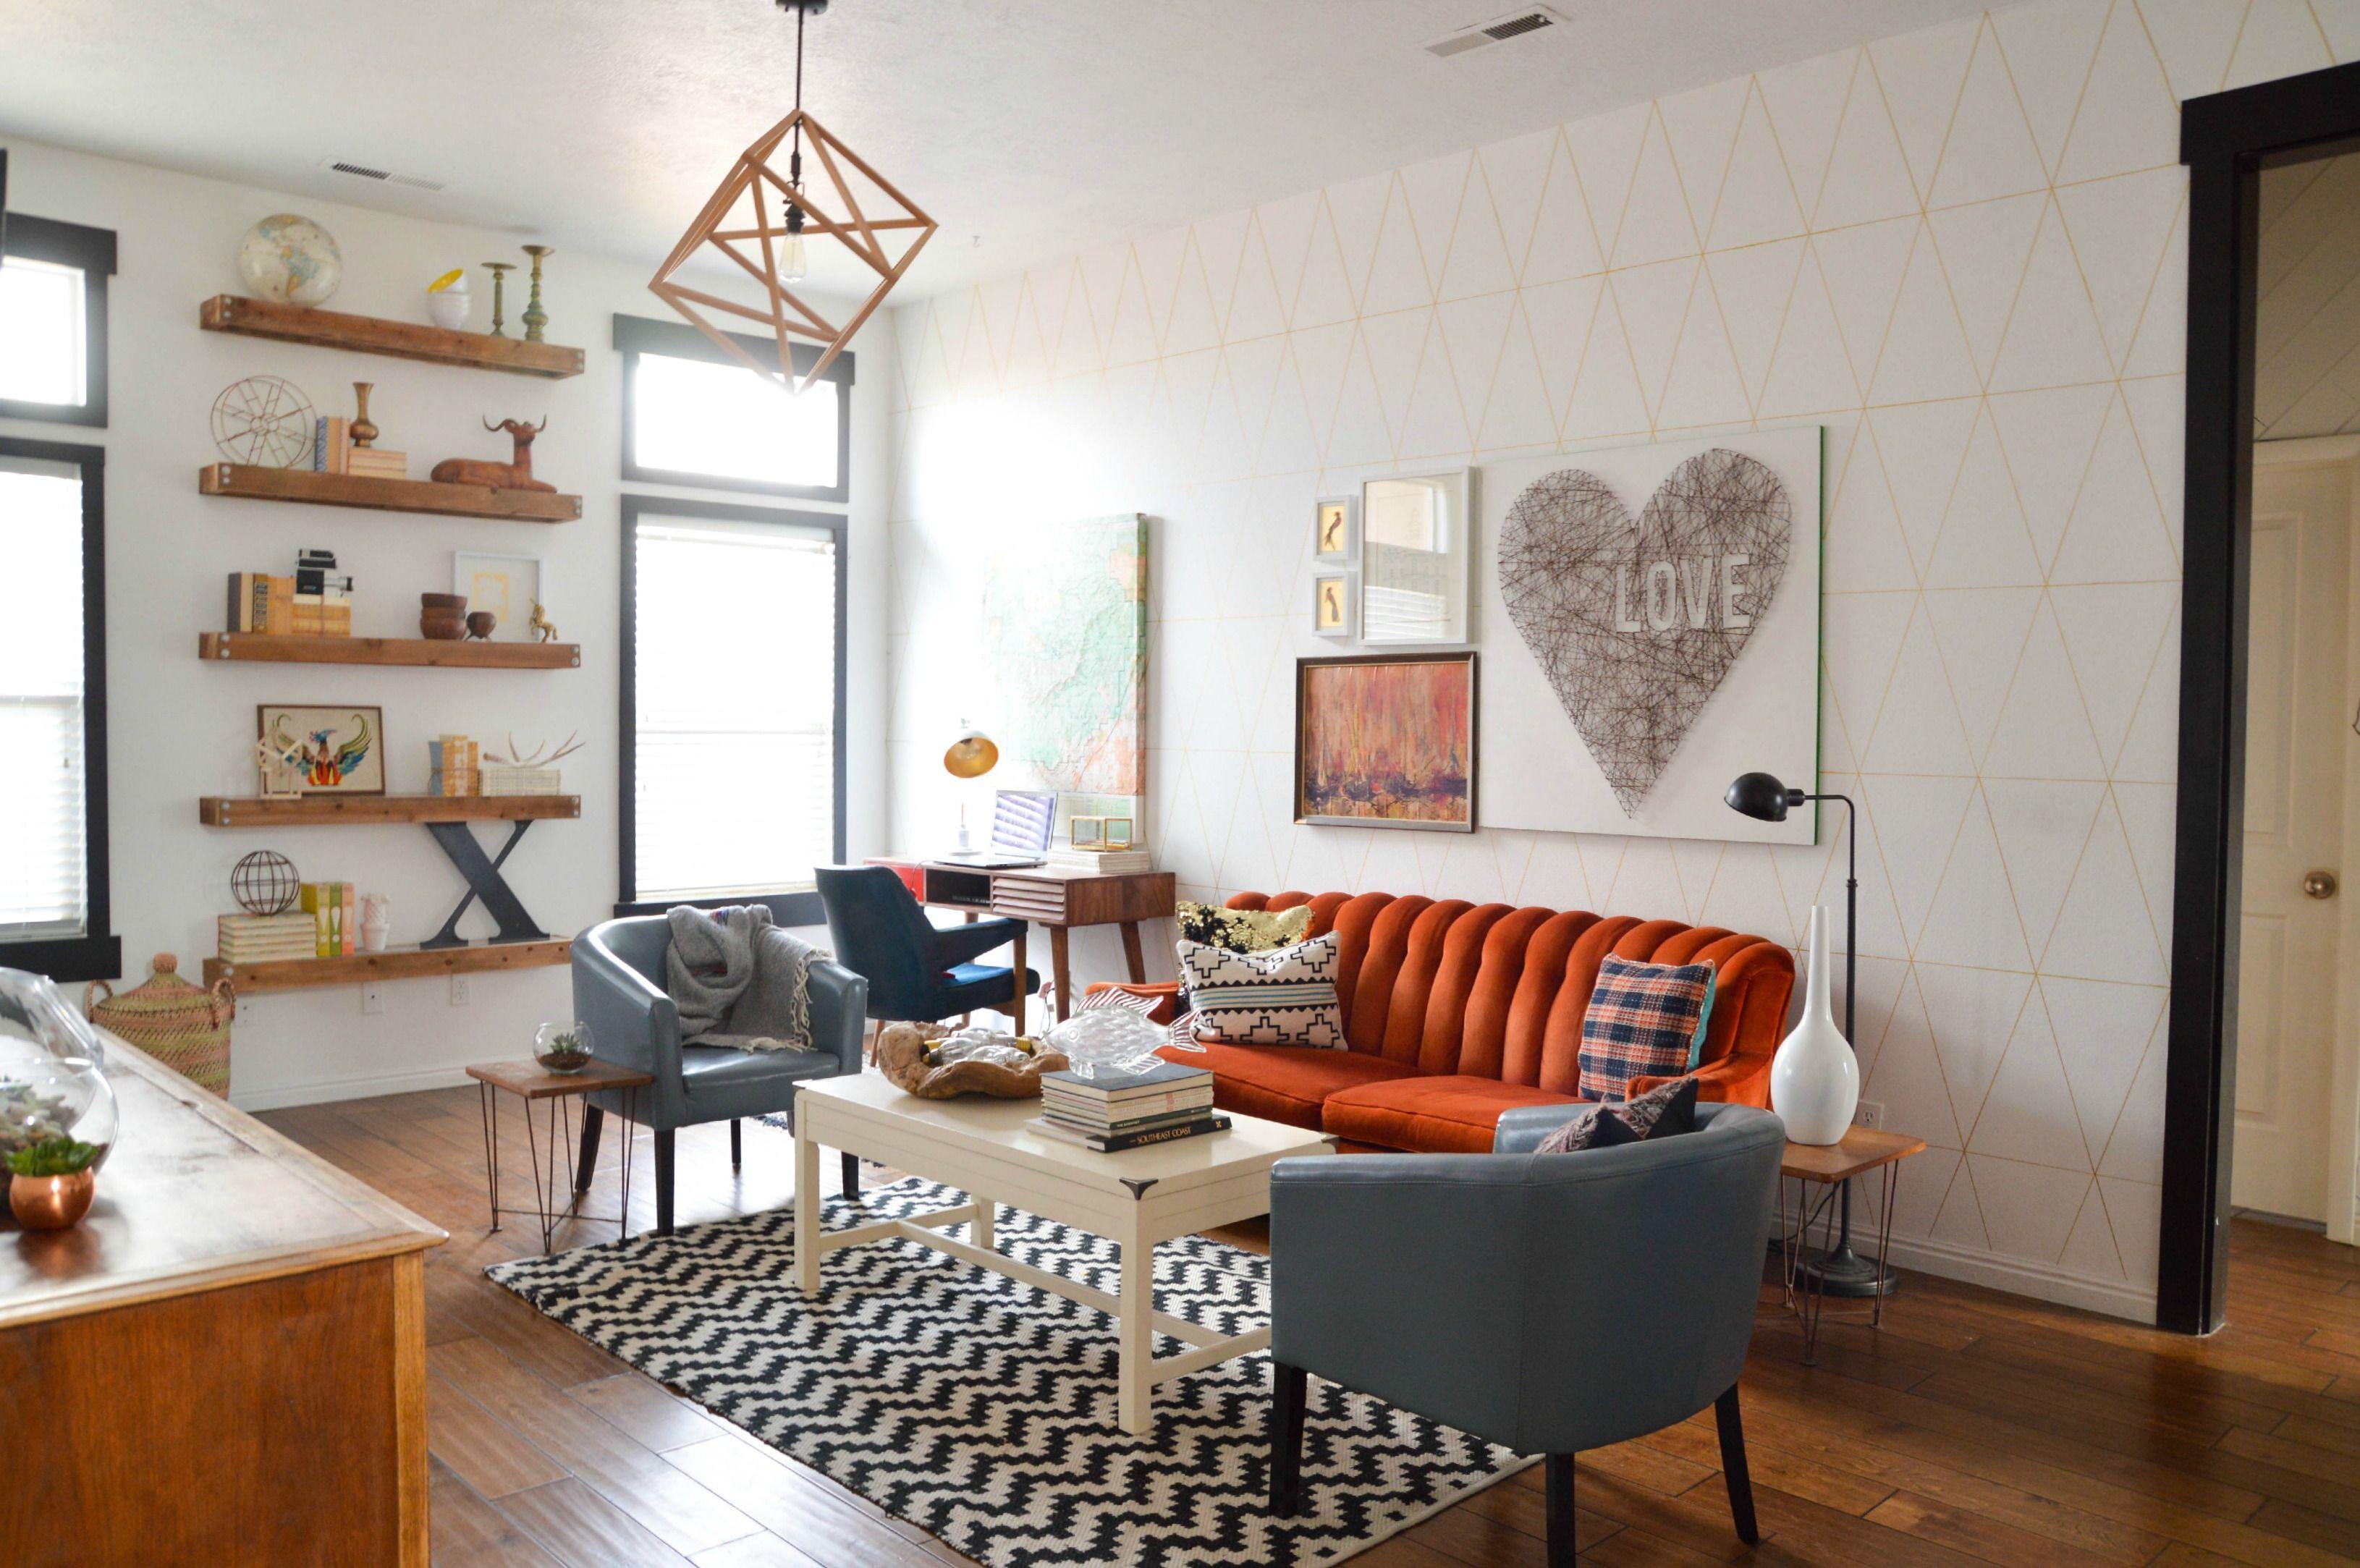 Home interior design living room image result for vintage bedroom decor ideas  vintage home